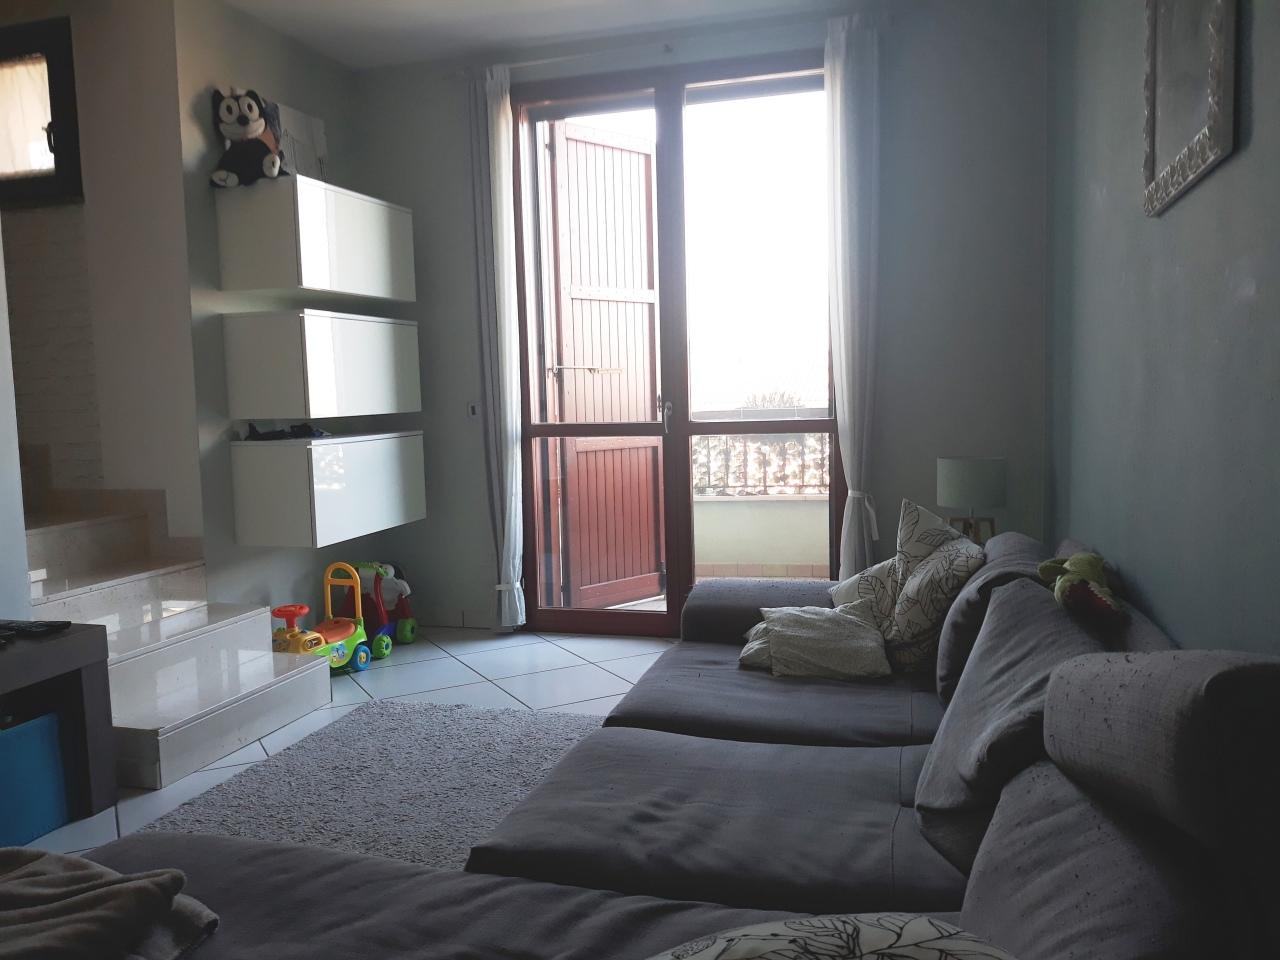 Foto 1 di Appartamento via malatesta, San Mauro Pascoli